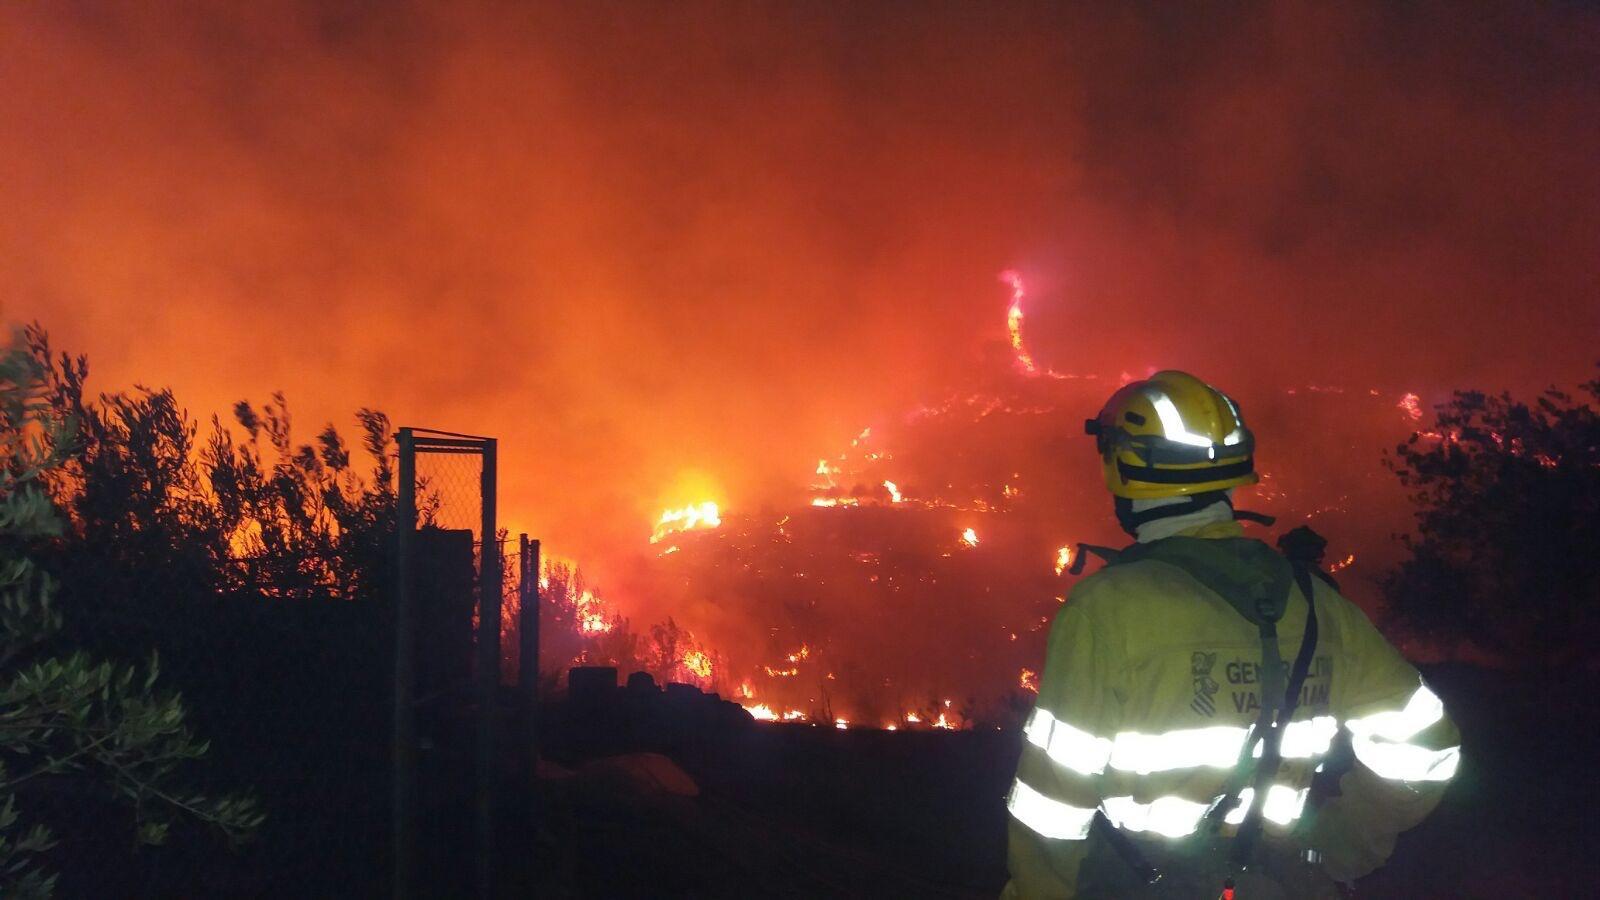 Una imagen del incendio de Bolbaite, facilitada por UBE Bombers.